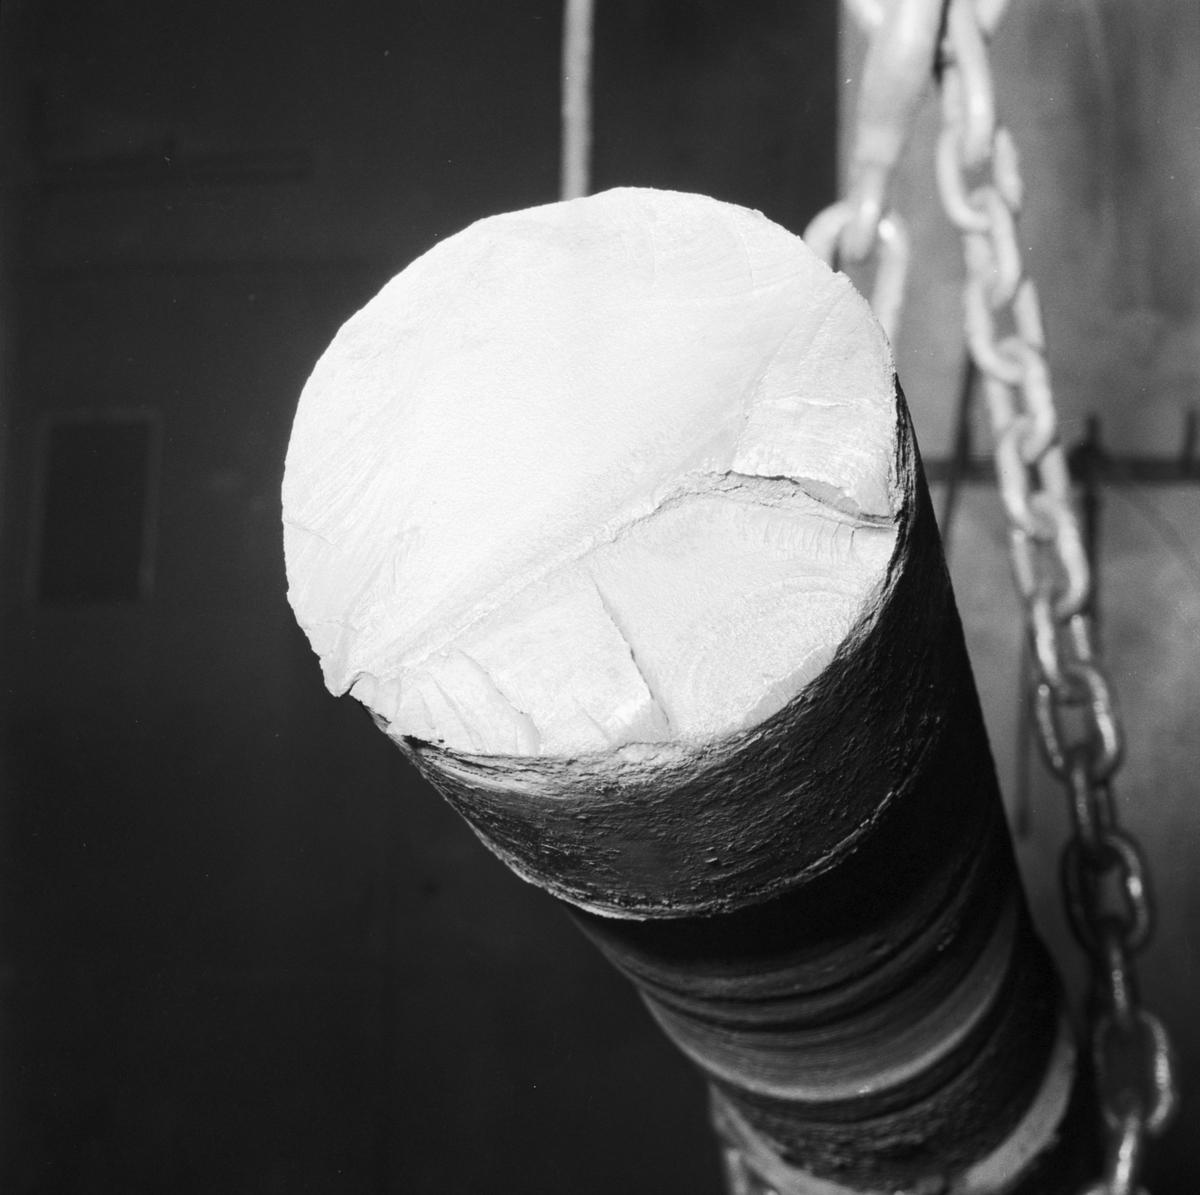 Övrigt: Foto datum: 26/1 1960 Byggnader och kranar Maskverkstan brusten hjärtstock till roder